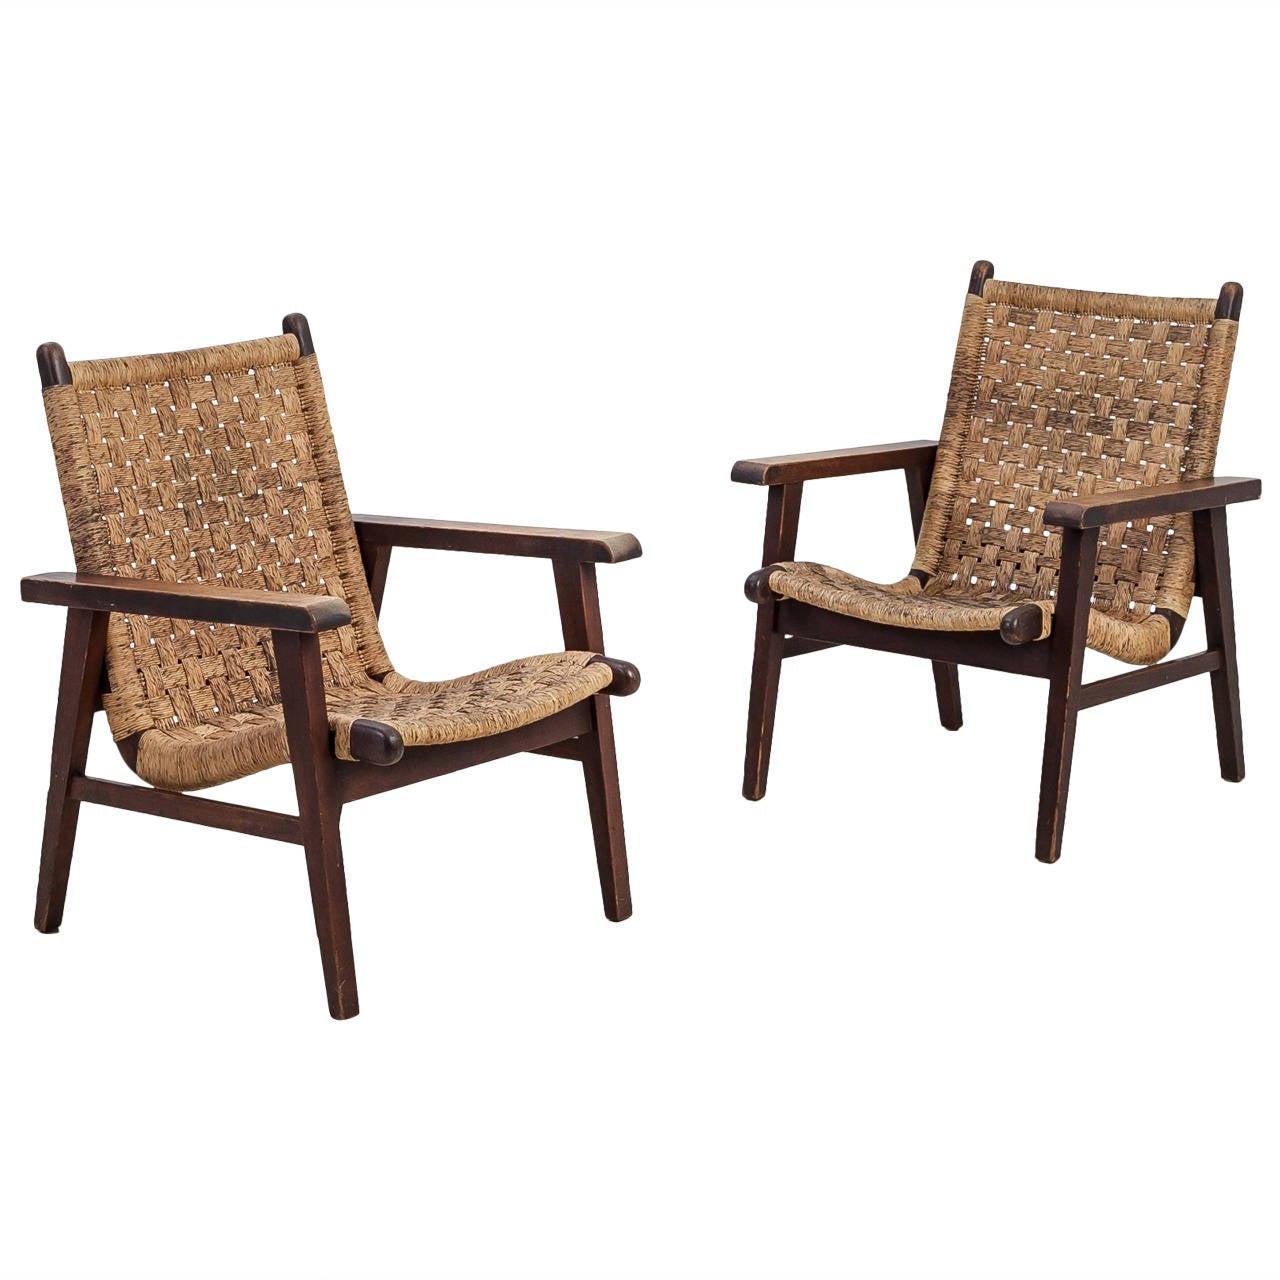 Pair Van Beuren Attributed Armchairs With Woven Cord Seating  # Muebles Van Beuren